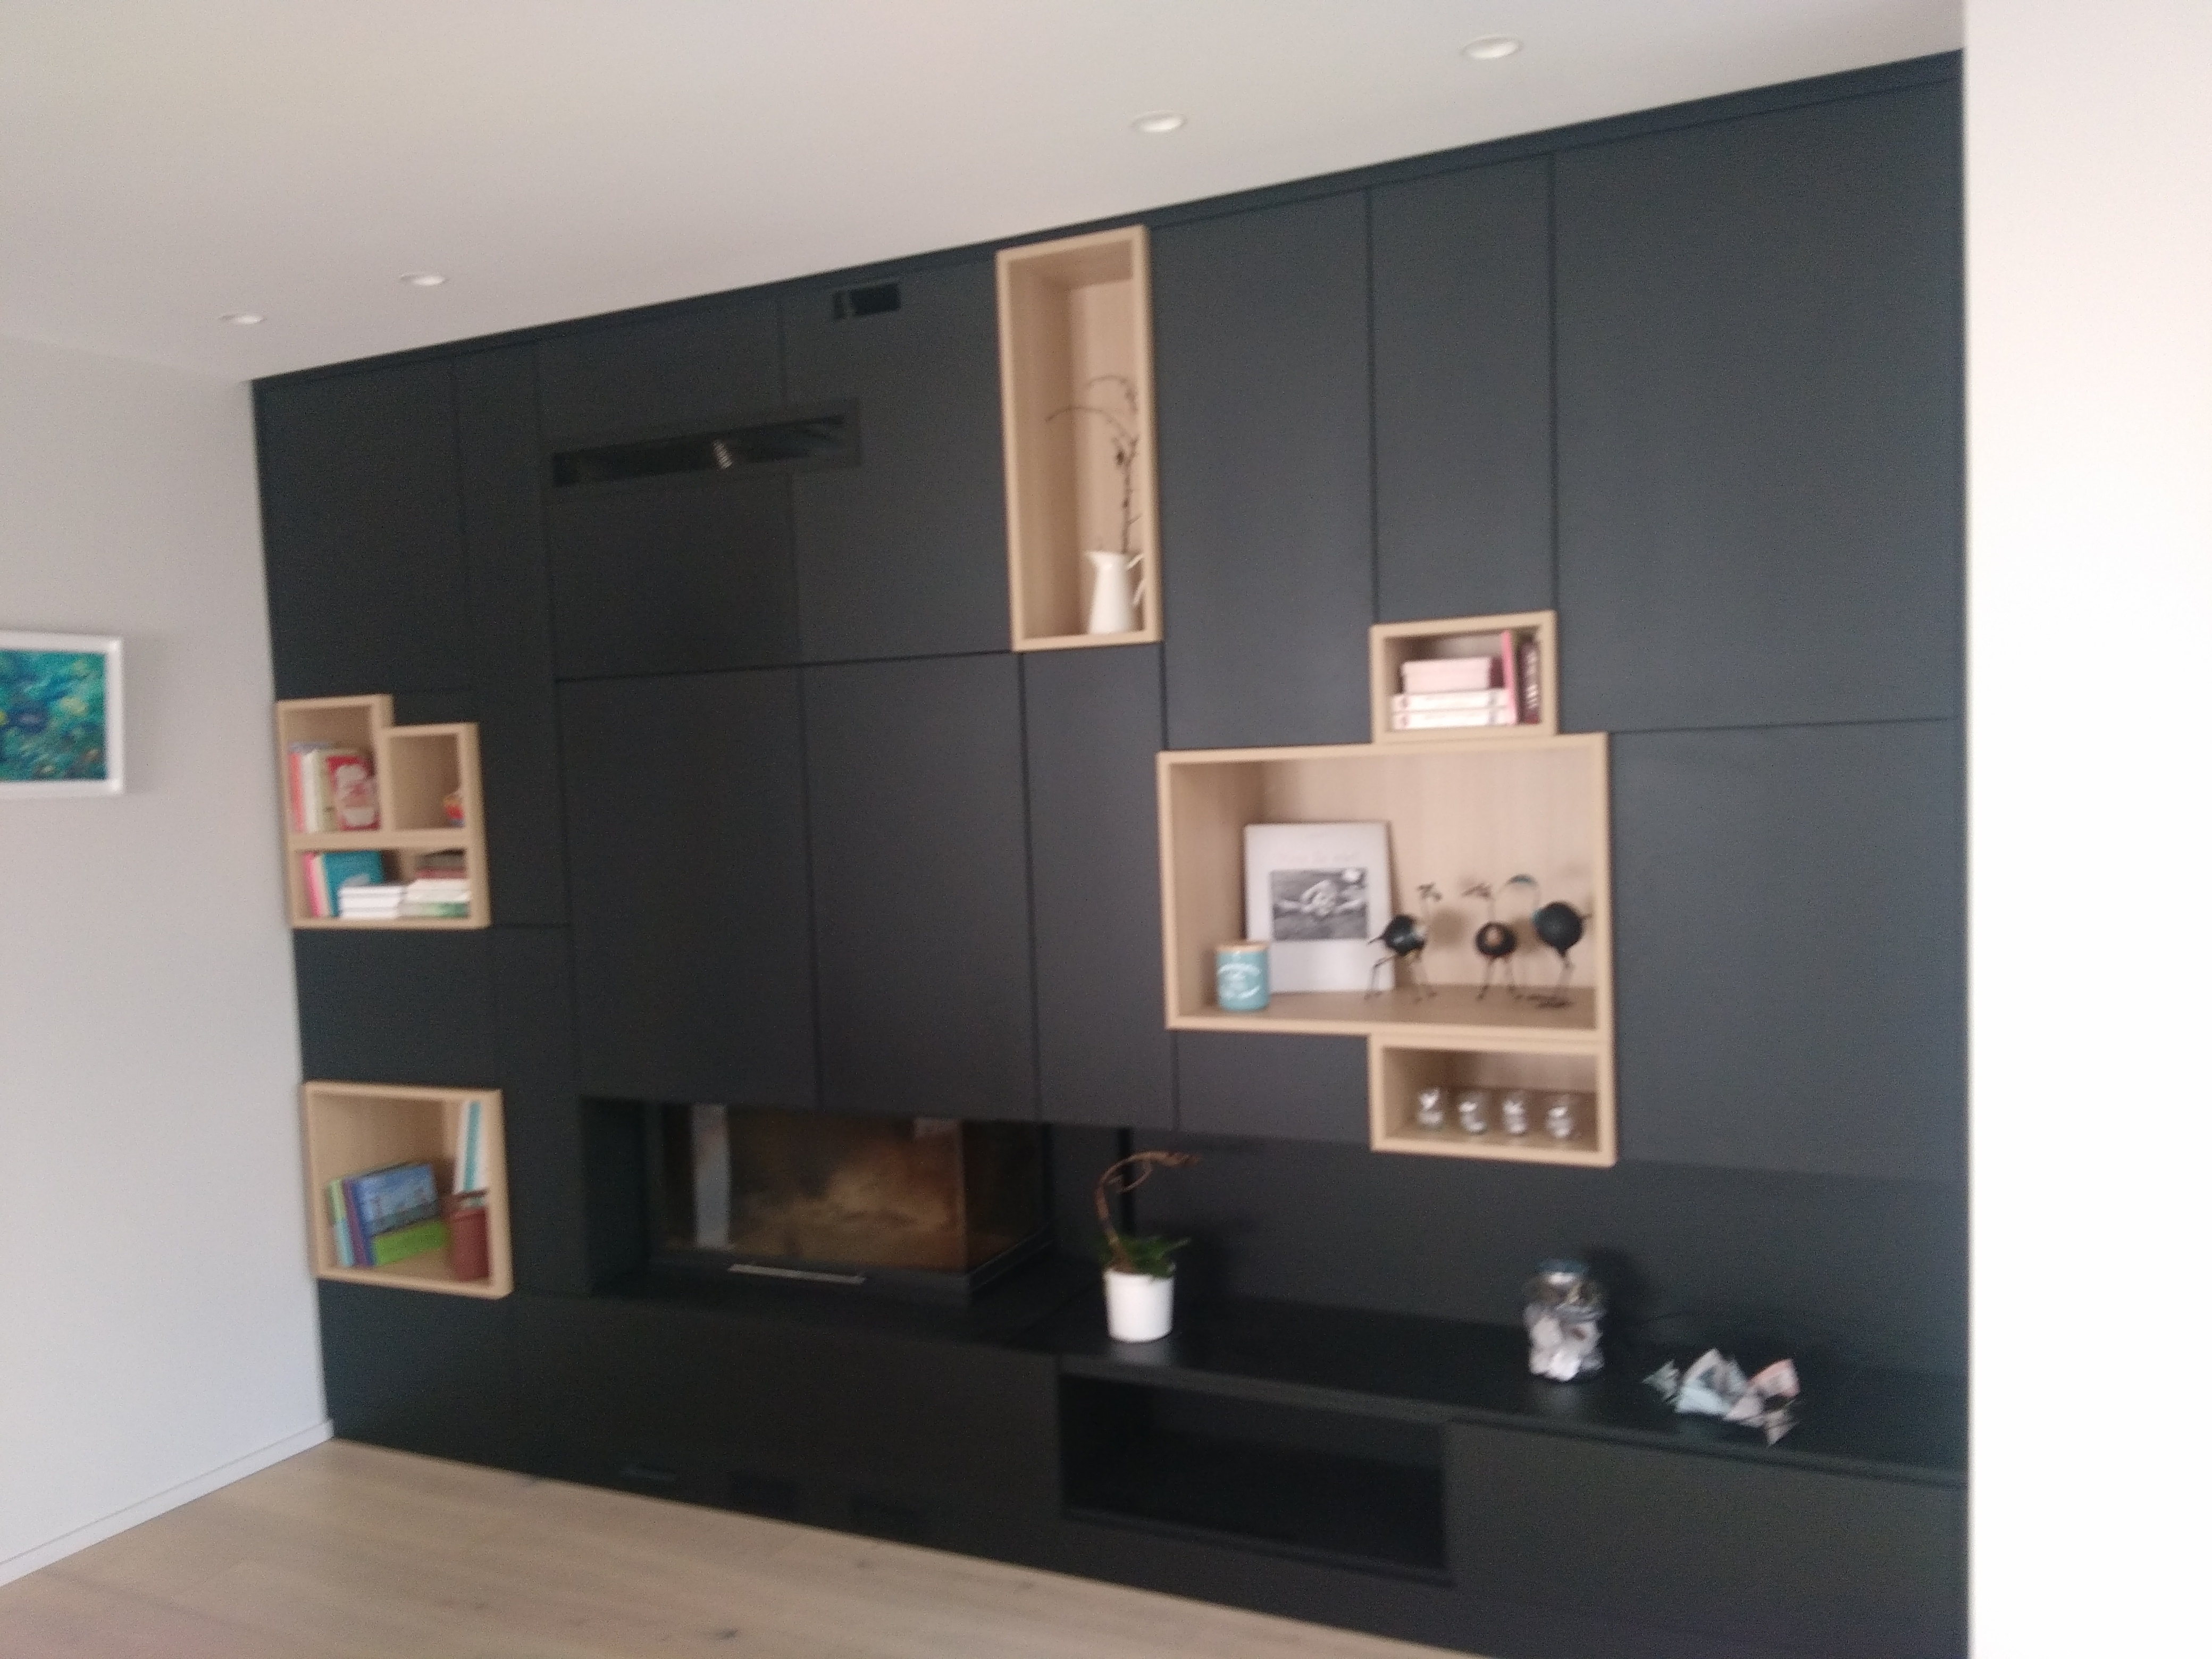 meuble sur mesure autour d un insert kiosque am nagement. Black Bedroom Furniture Sets. Home Design Ideas